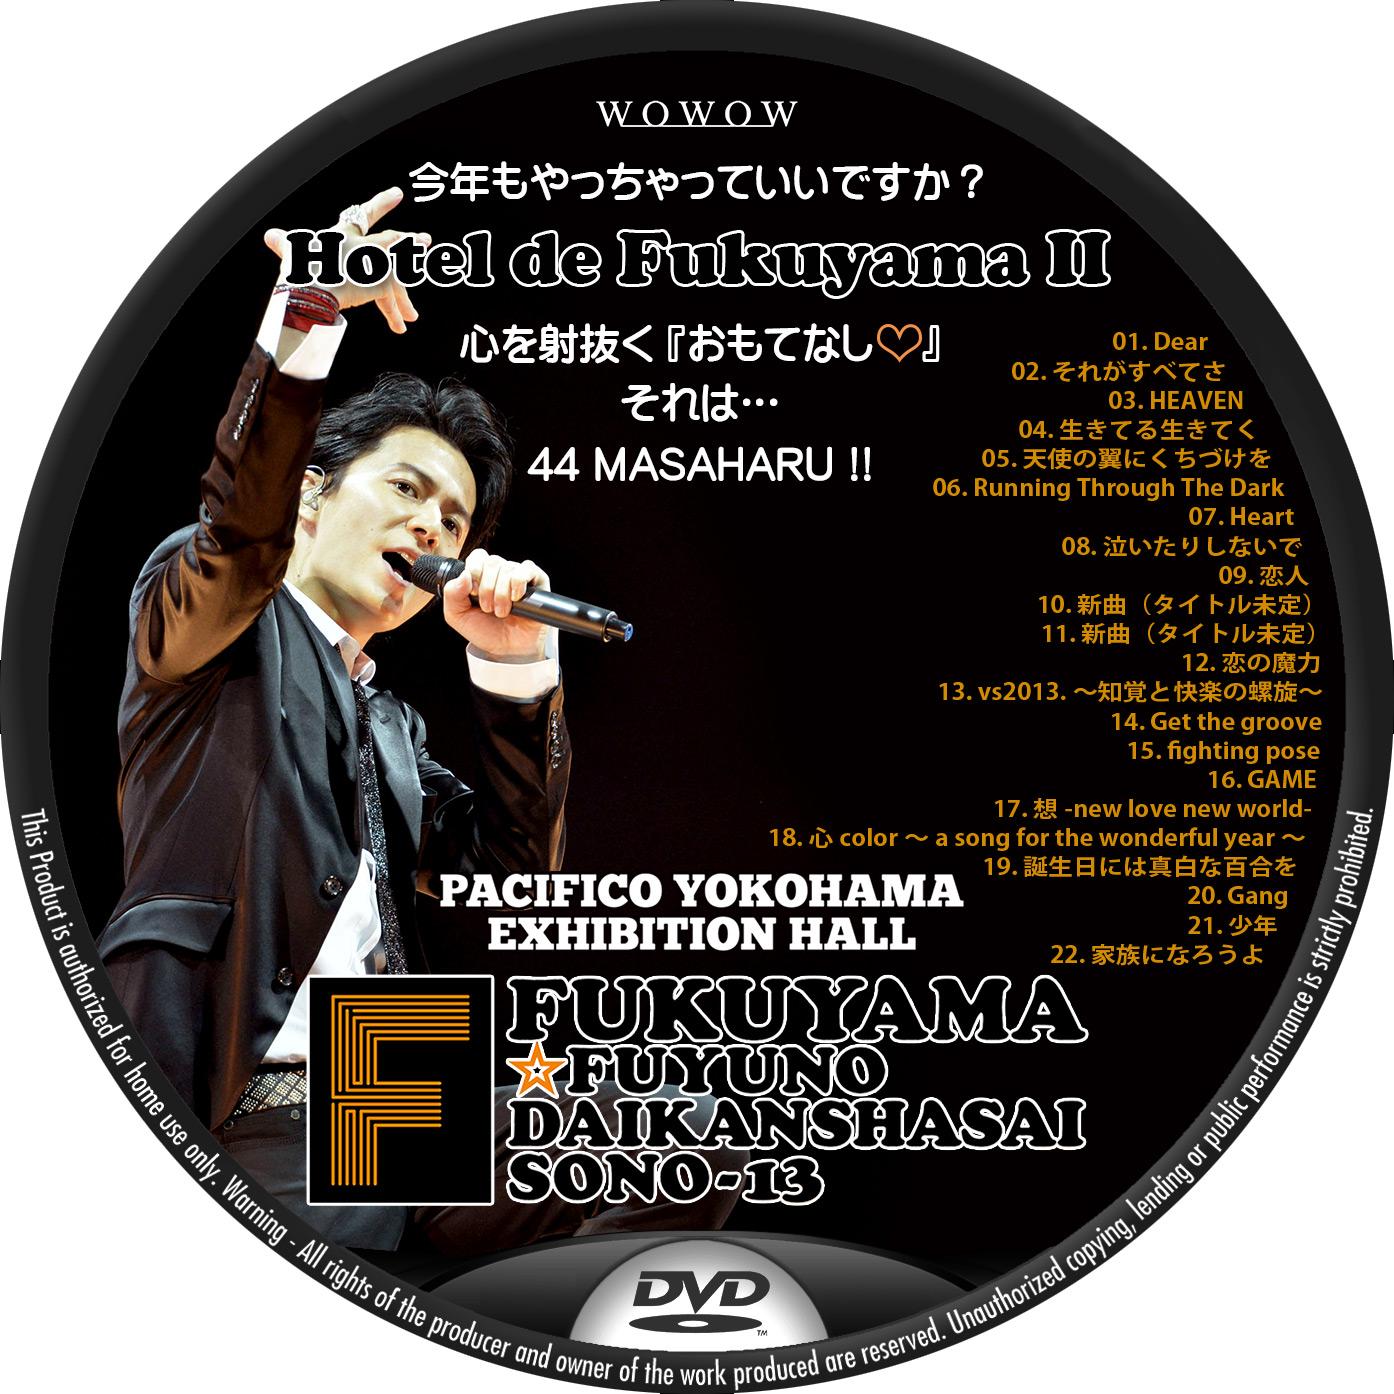 福山雅治 WOWOW DVDラベル